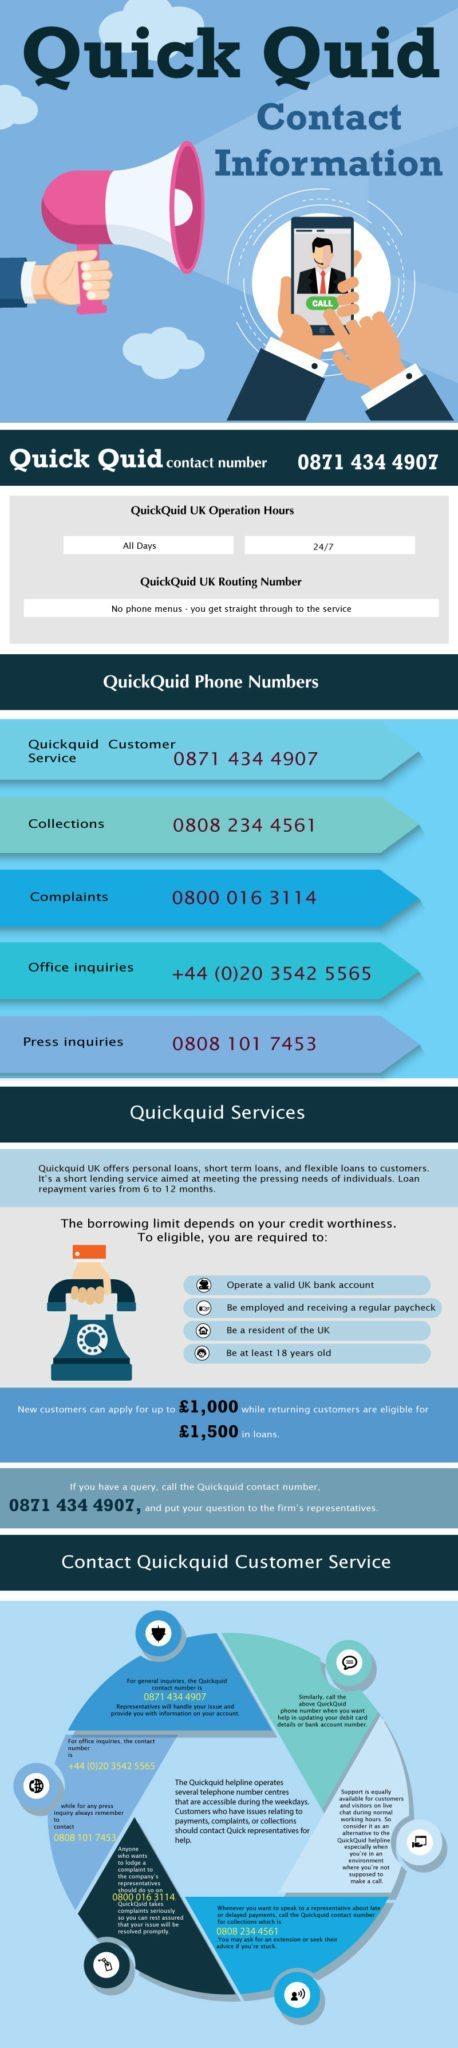 QuickQuid contact numbers UK